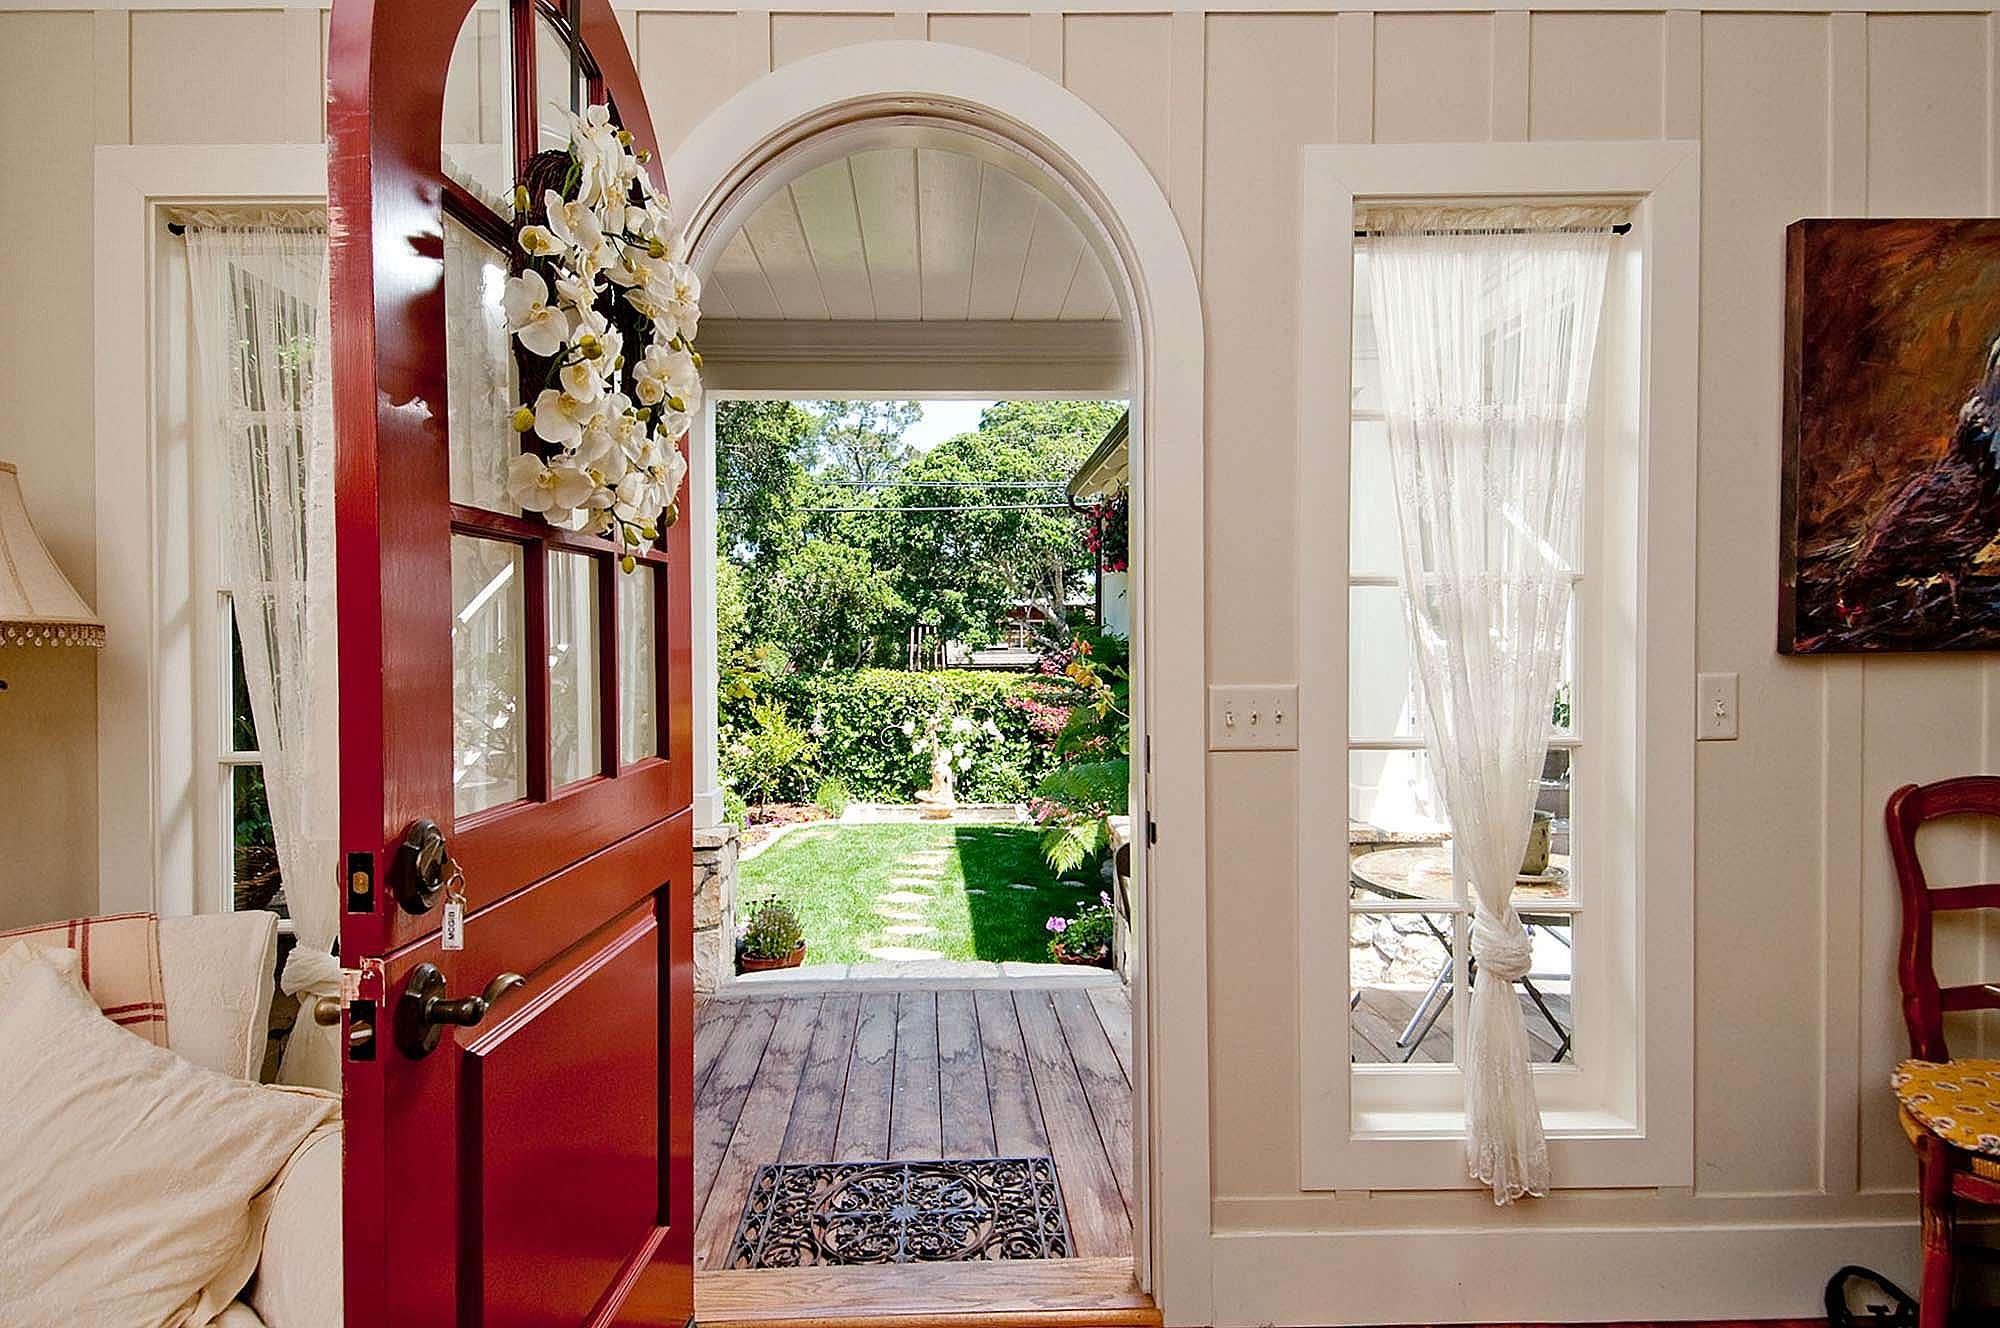 100 лучших идей: Декор двери своими руками на фото - Рататум 45